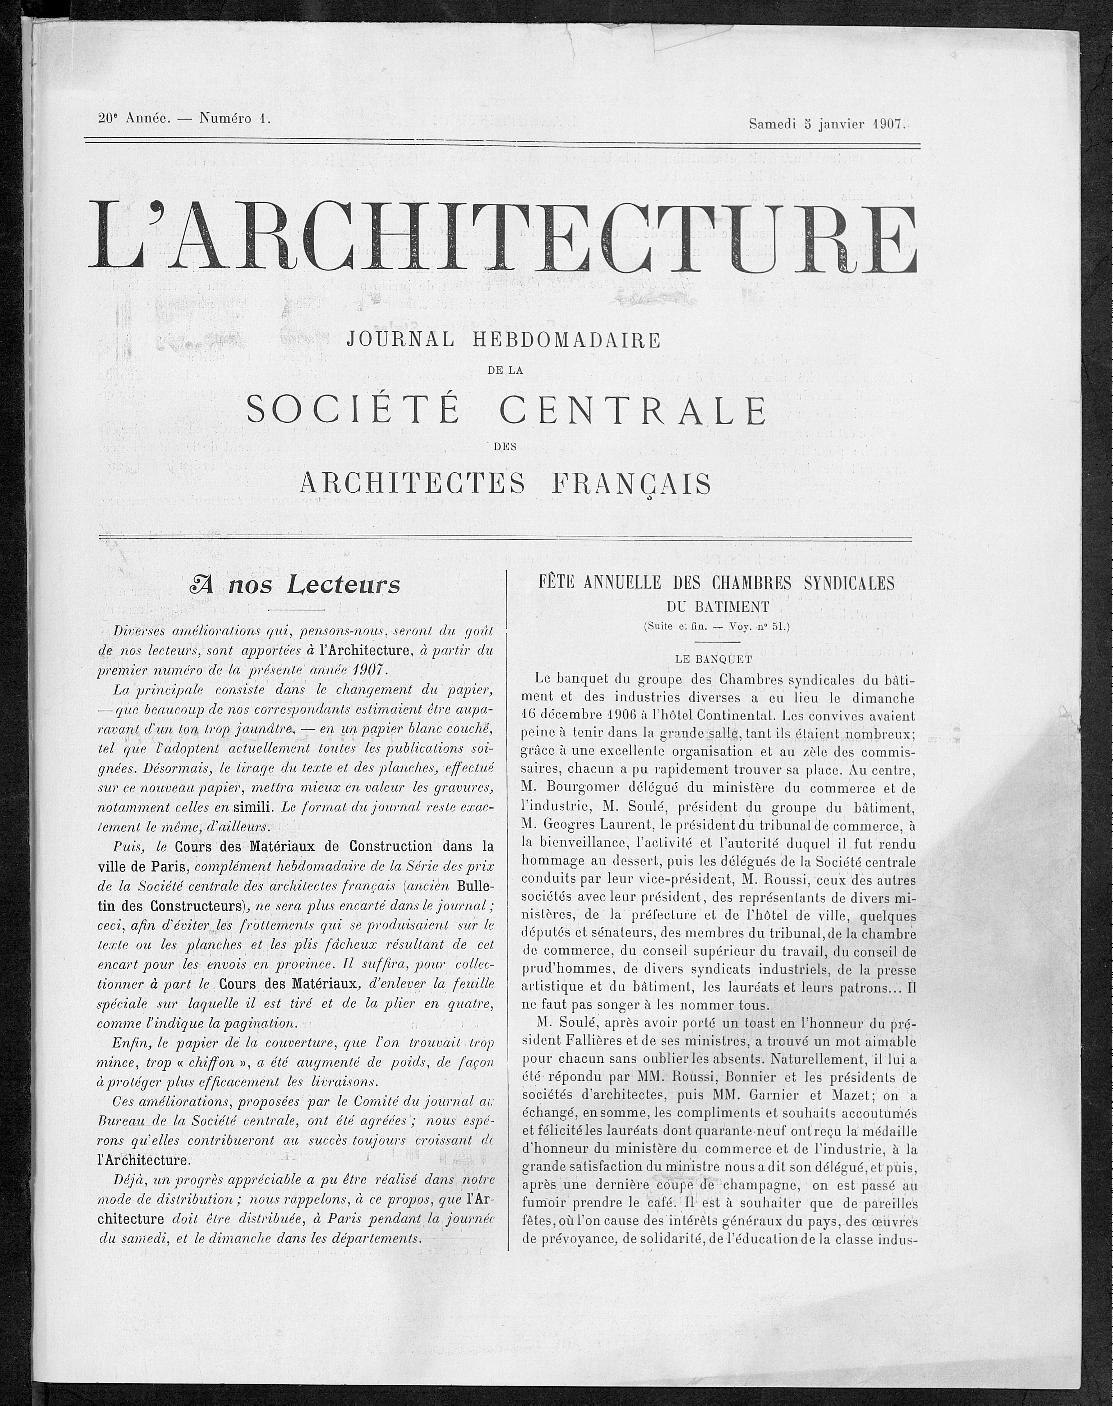 L'Architecture, no. 1, 1907 |